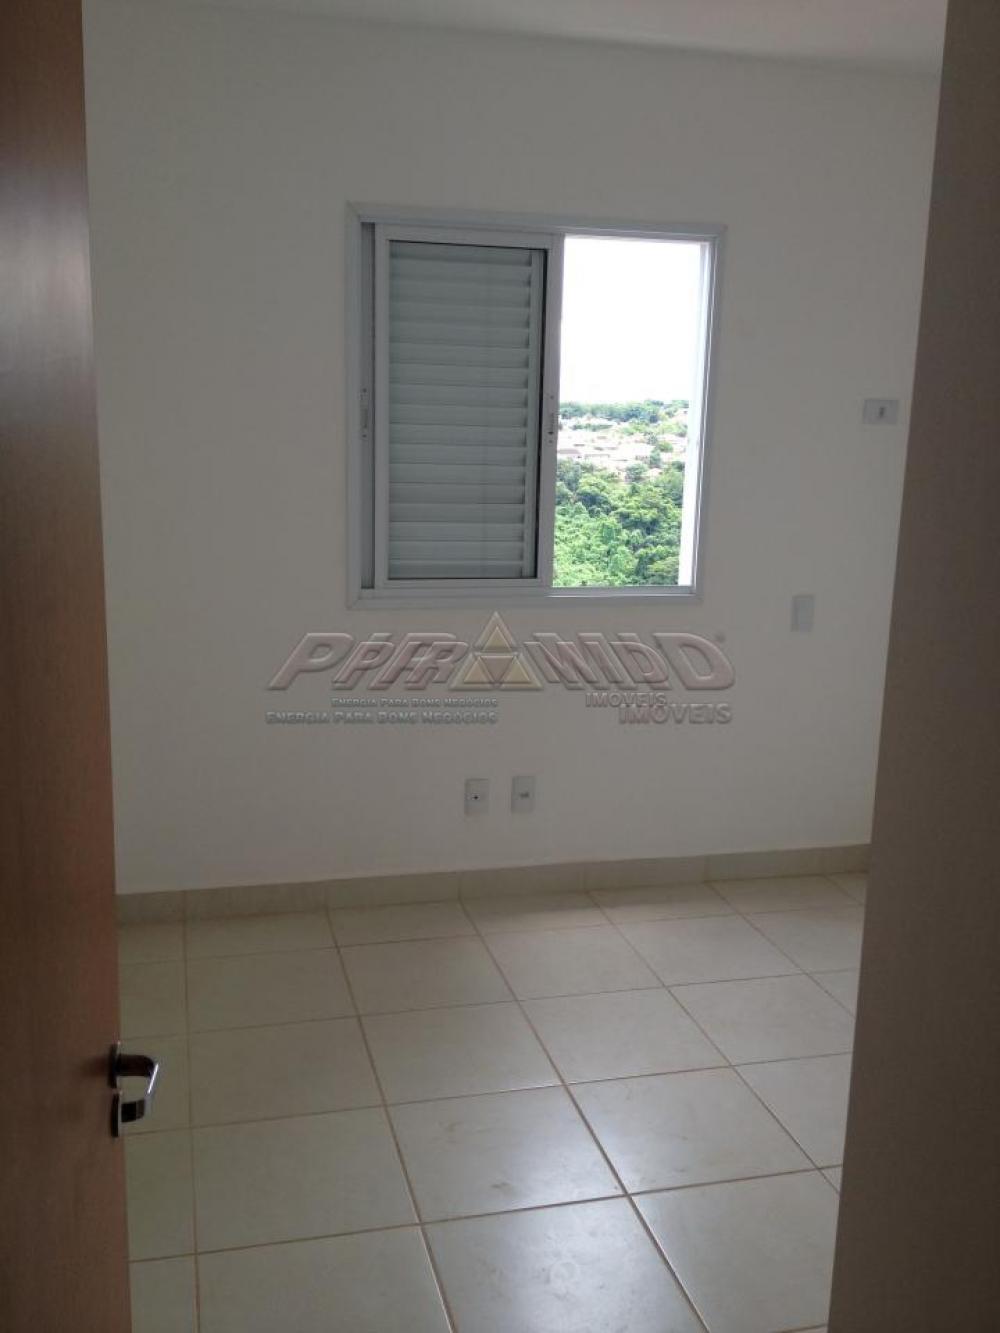 Alugar Apartamento / Padrão em Ribeirão Preto apenas R$ 1.950,00 - Foto 3